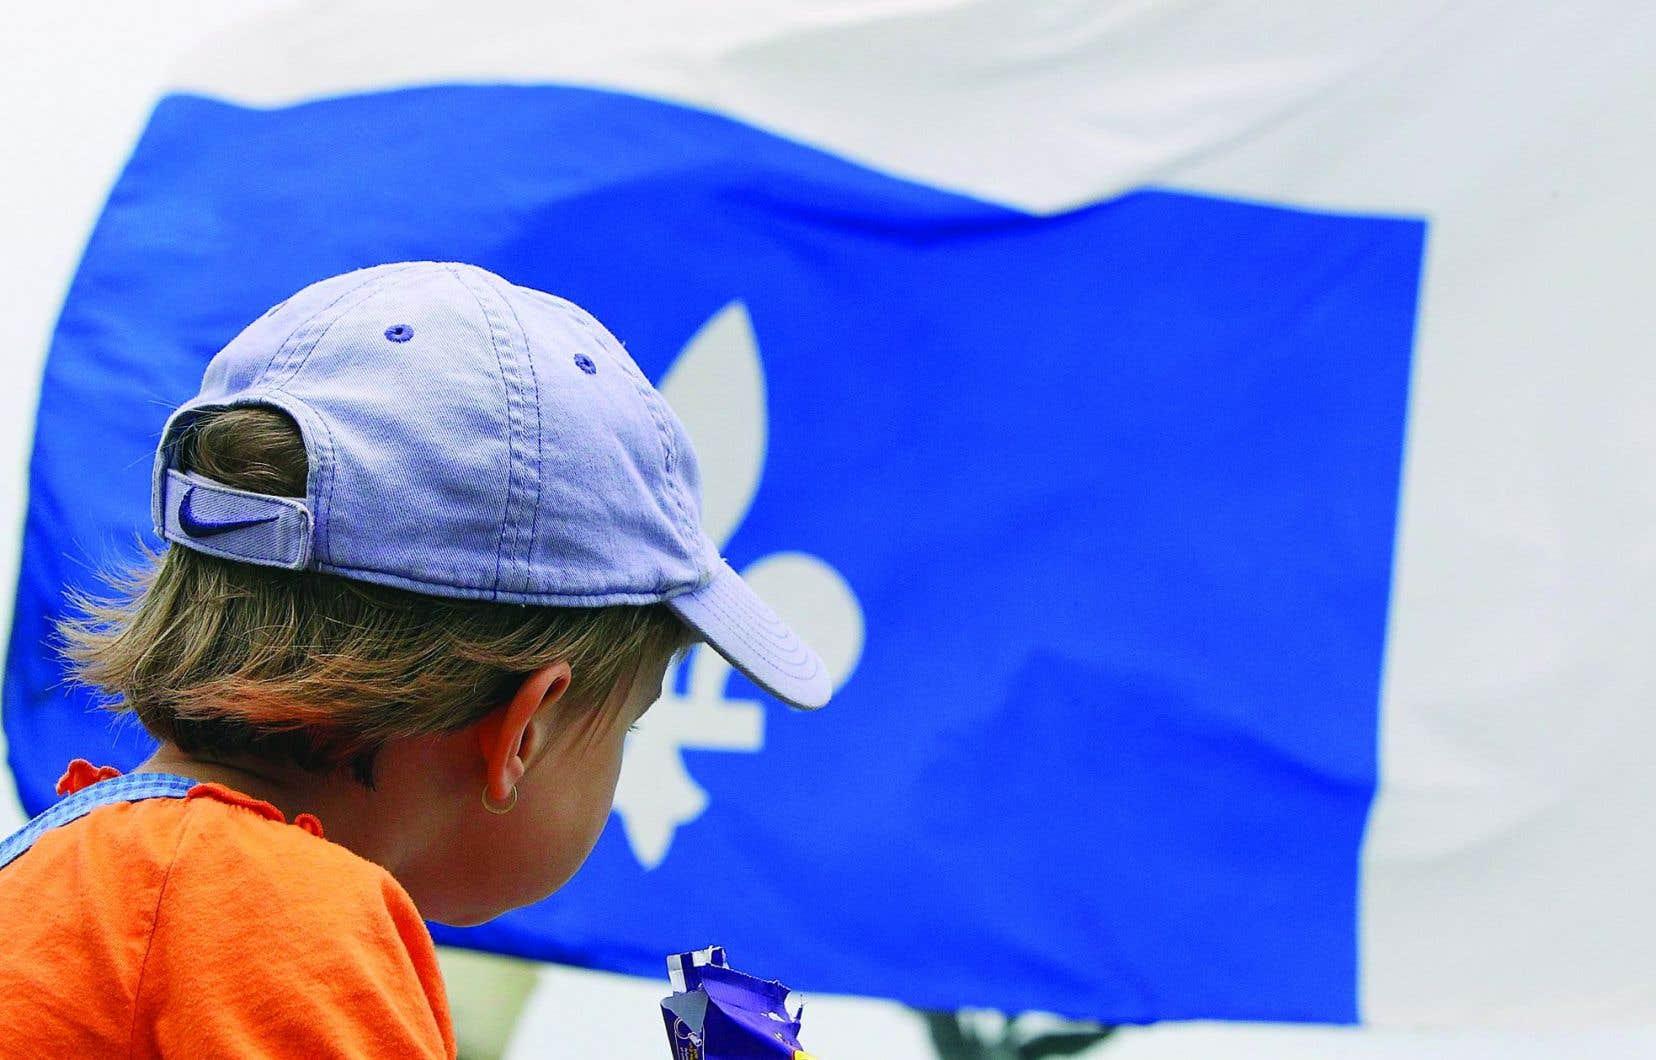 «Les progressistes indépendantistes ont la tâche constante de démontrer que le projet souverainiste du Québec n'est pas un projet ethnique, mais un projet politique inclusif et émancipateur», notent les auteurs.